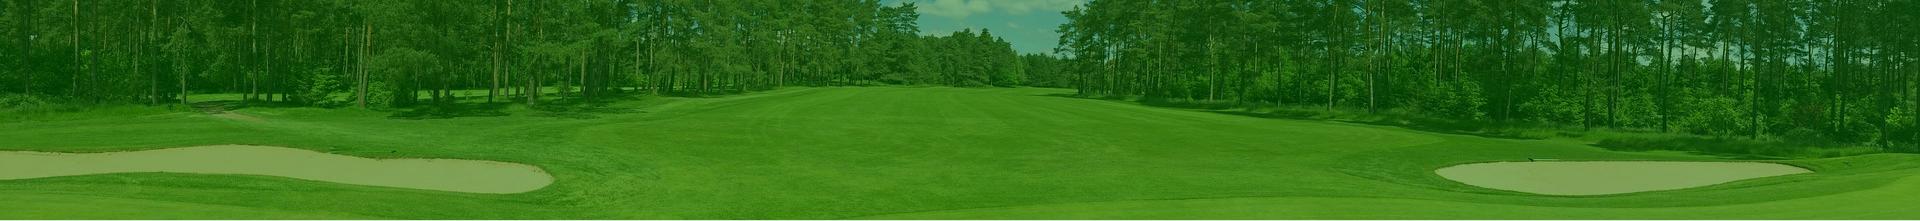 ゴルフ場風景